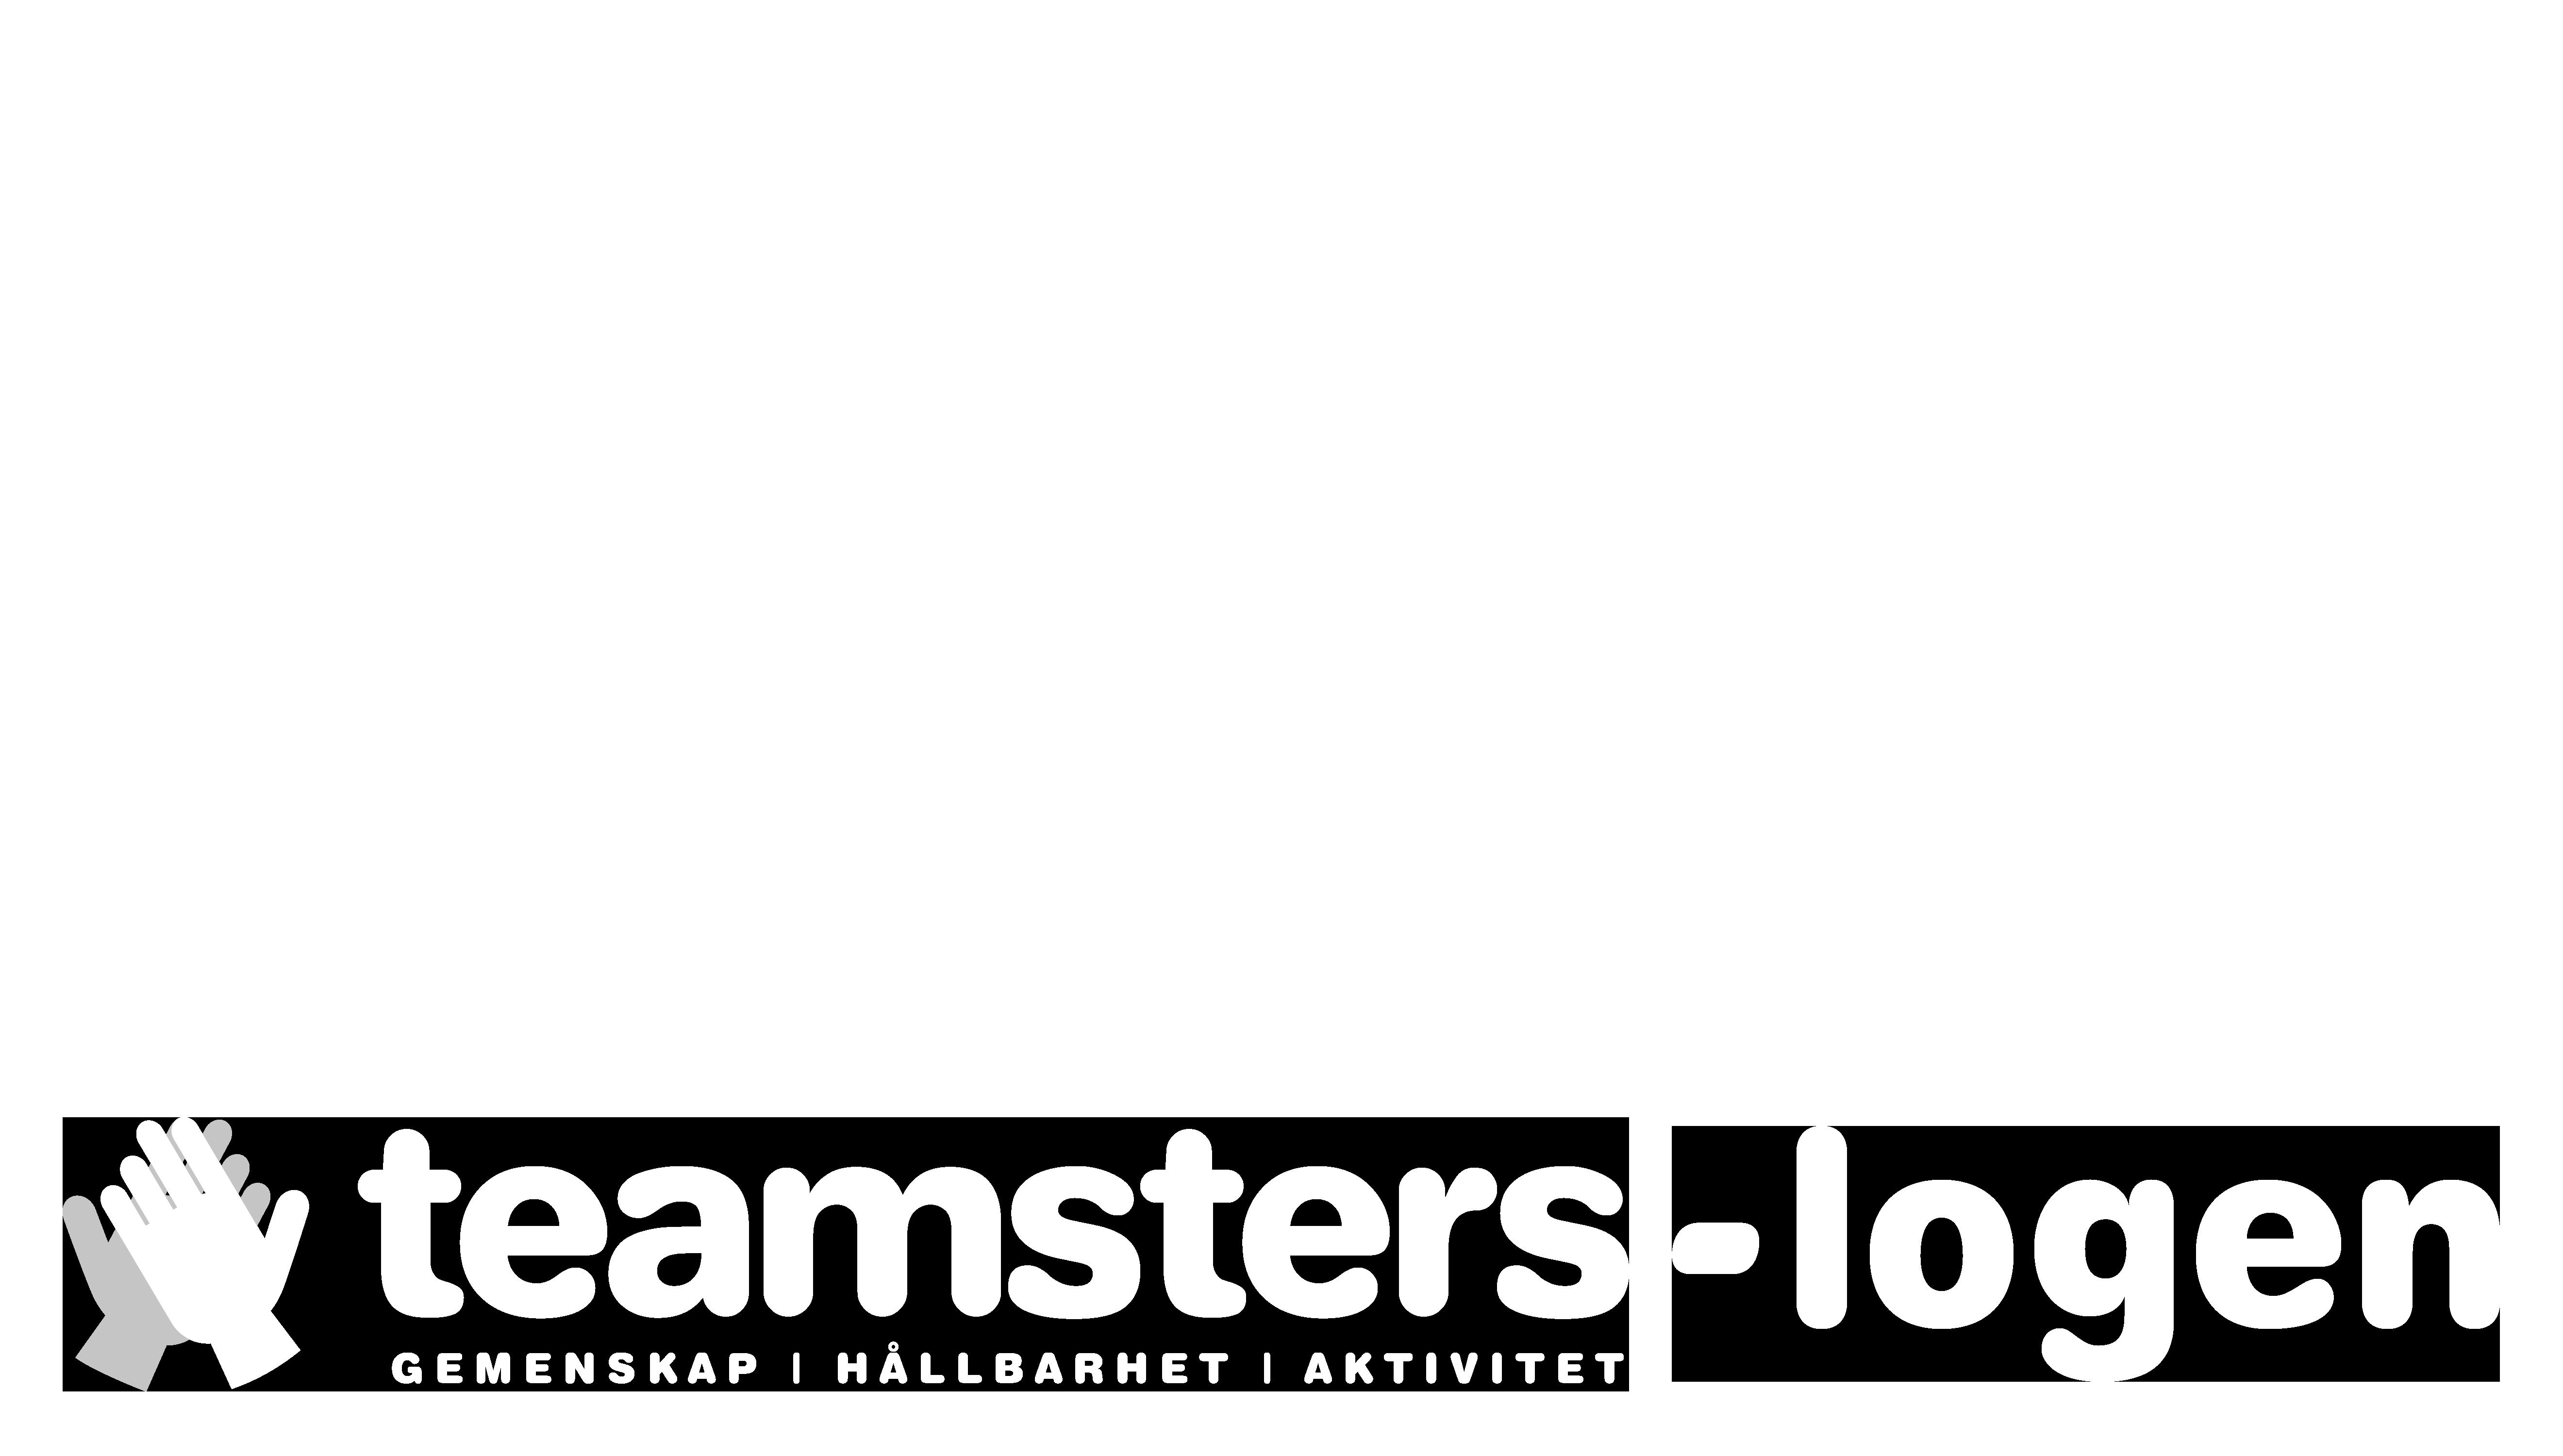 Teamsters-Logen